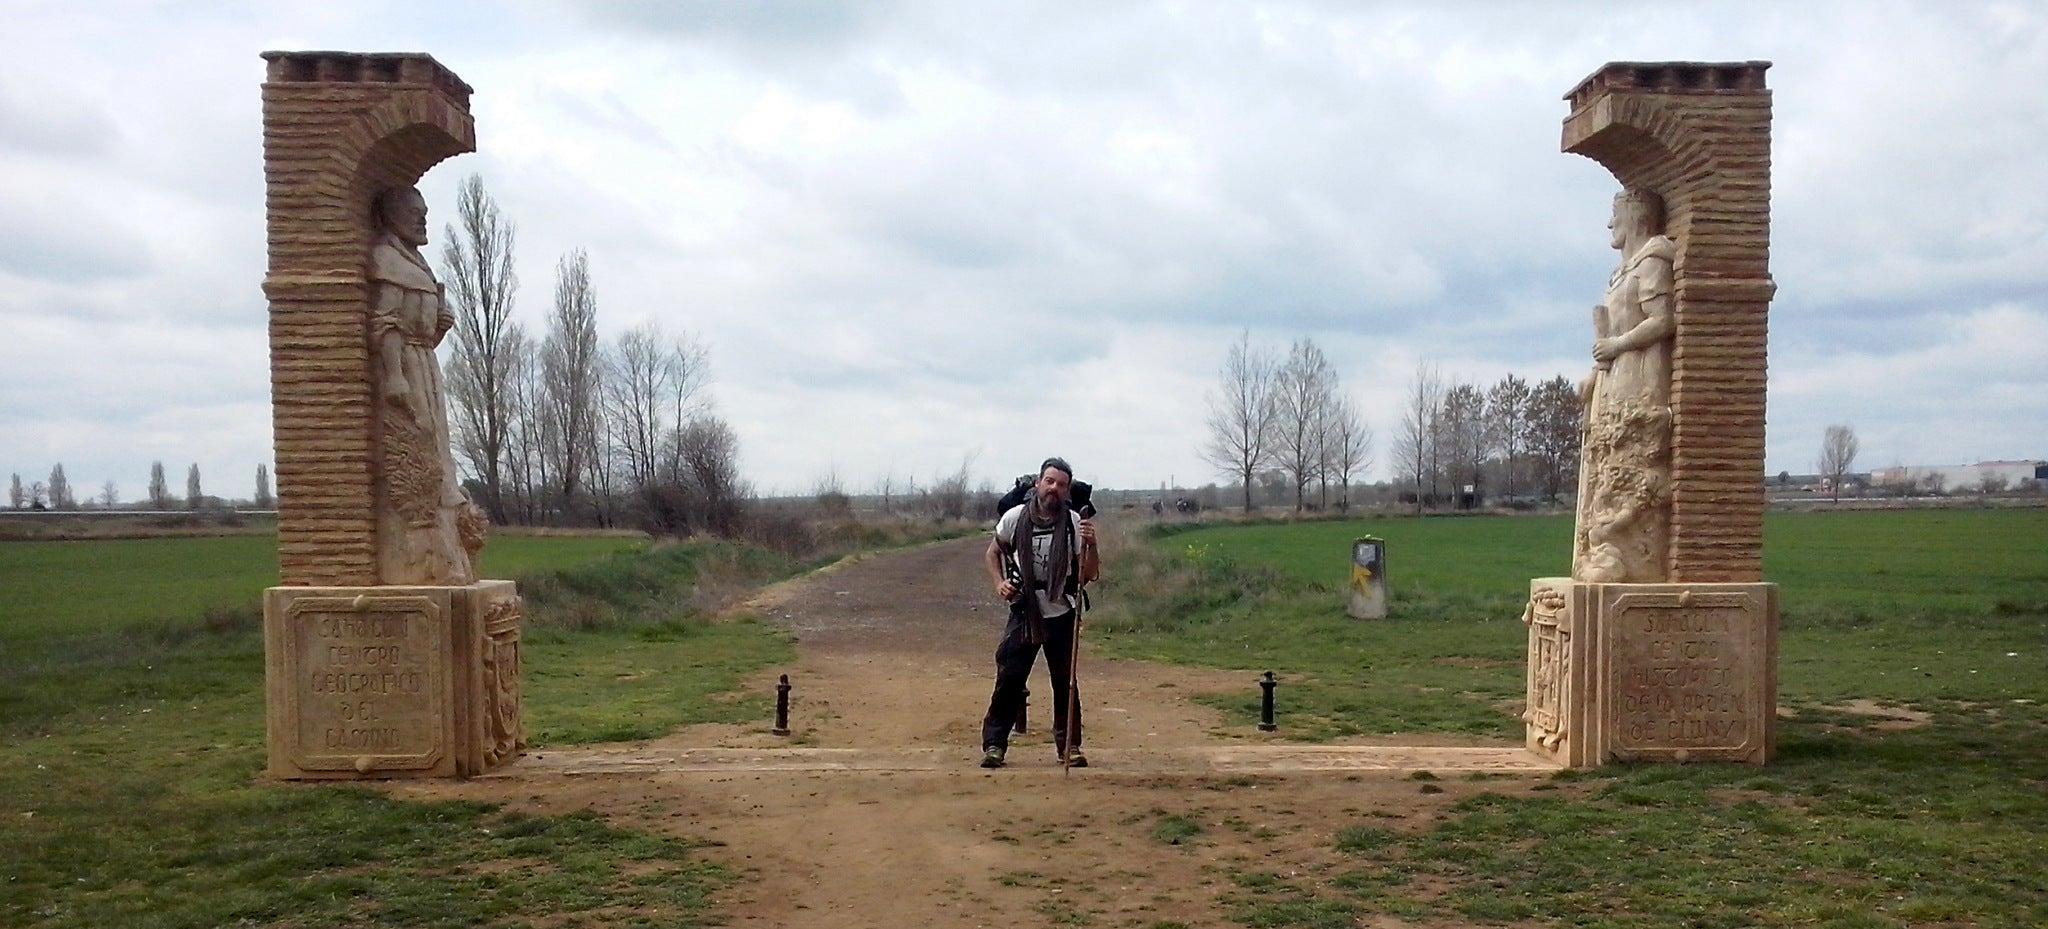 La España Mágica: Sahagún, campos de historia y misterio, la capital de los juglares